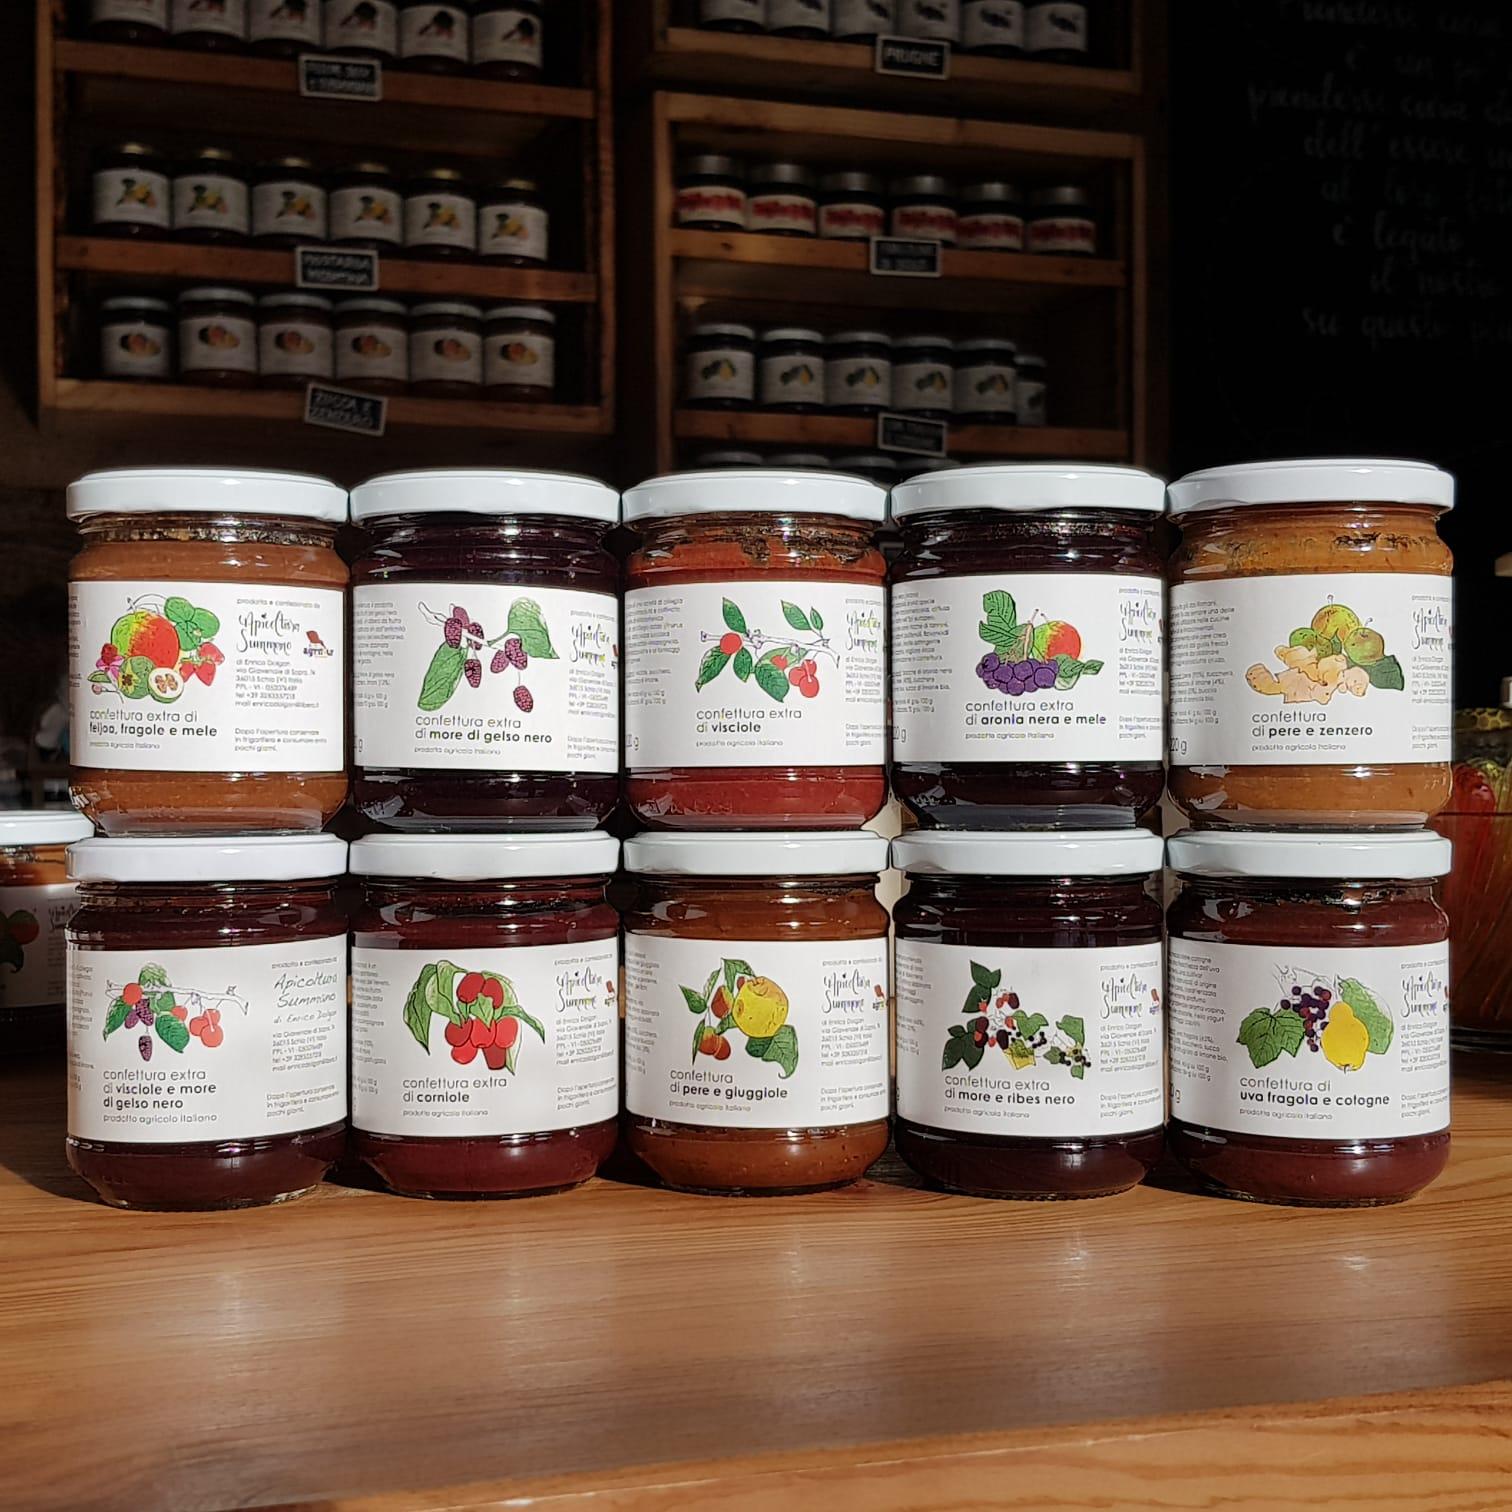 10 confetture Apicoltura Sumano - 3560 gr